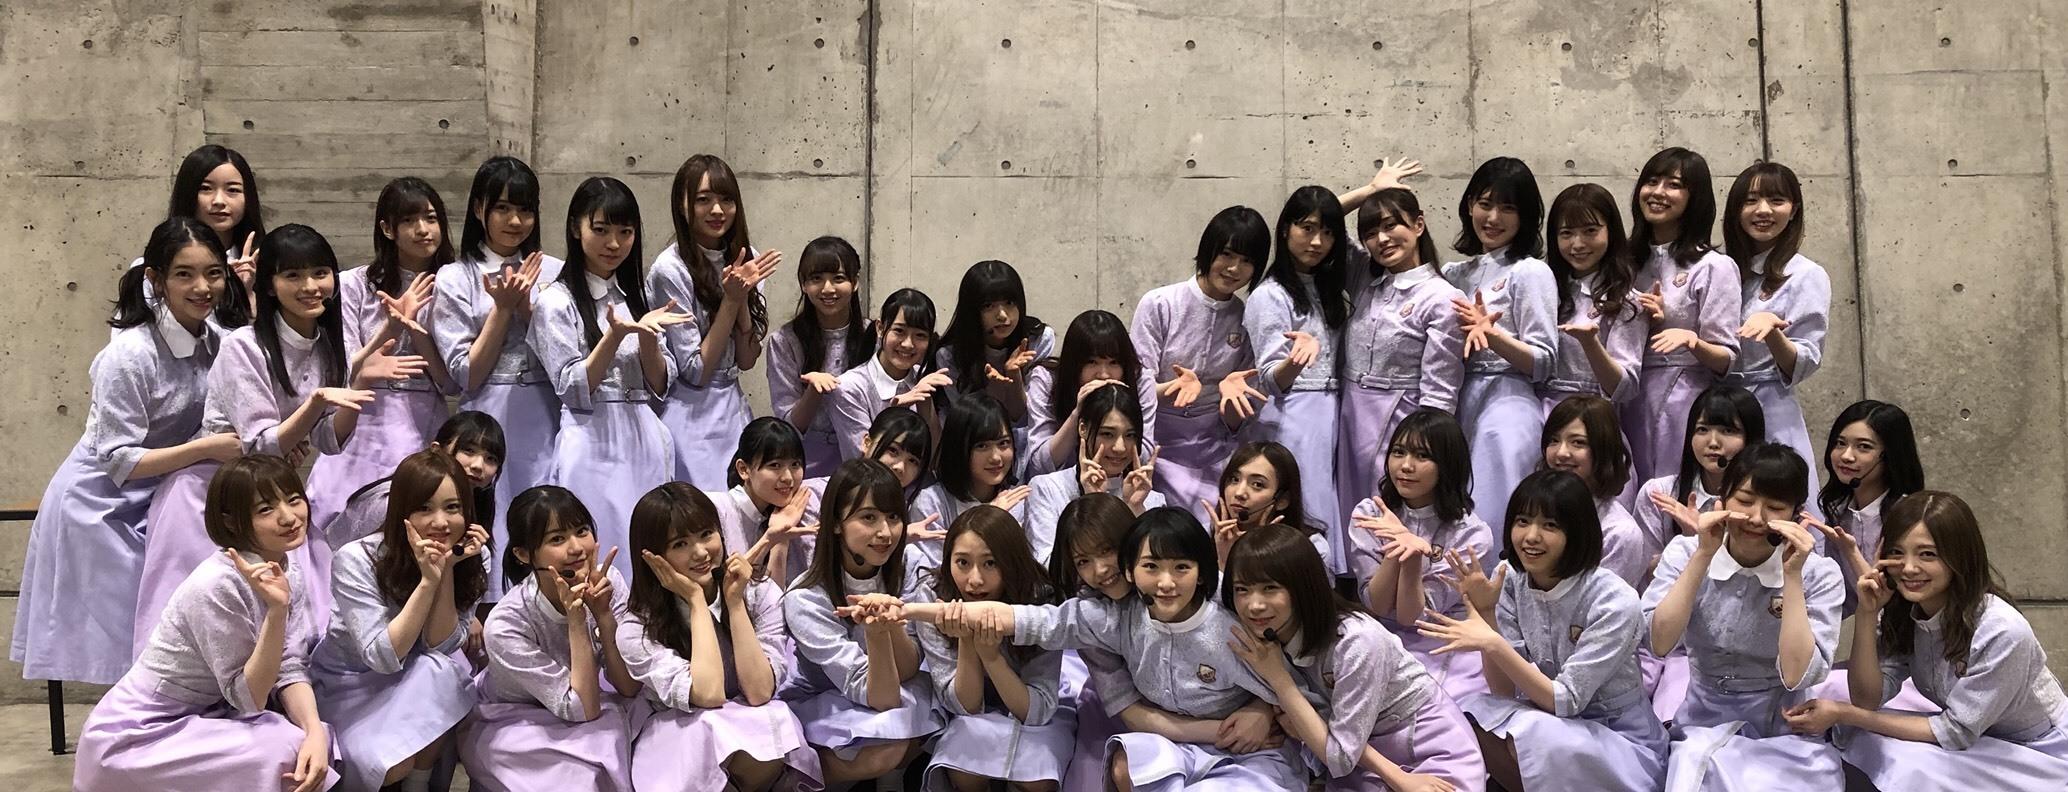 乃木坂46生駒里奈最後の集合写真